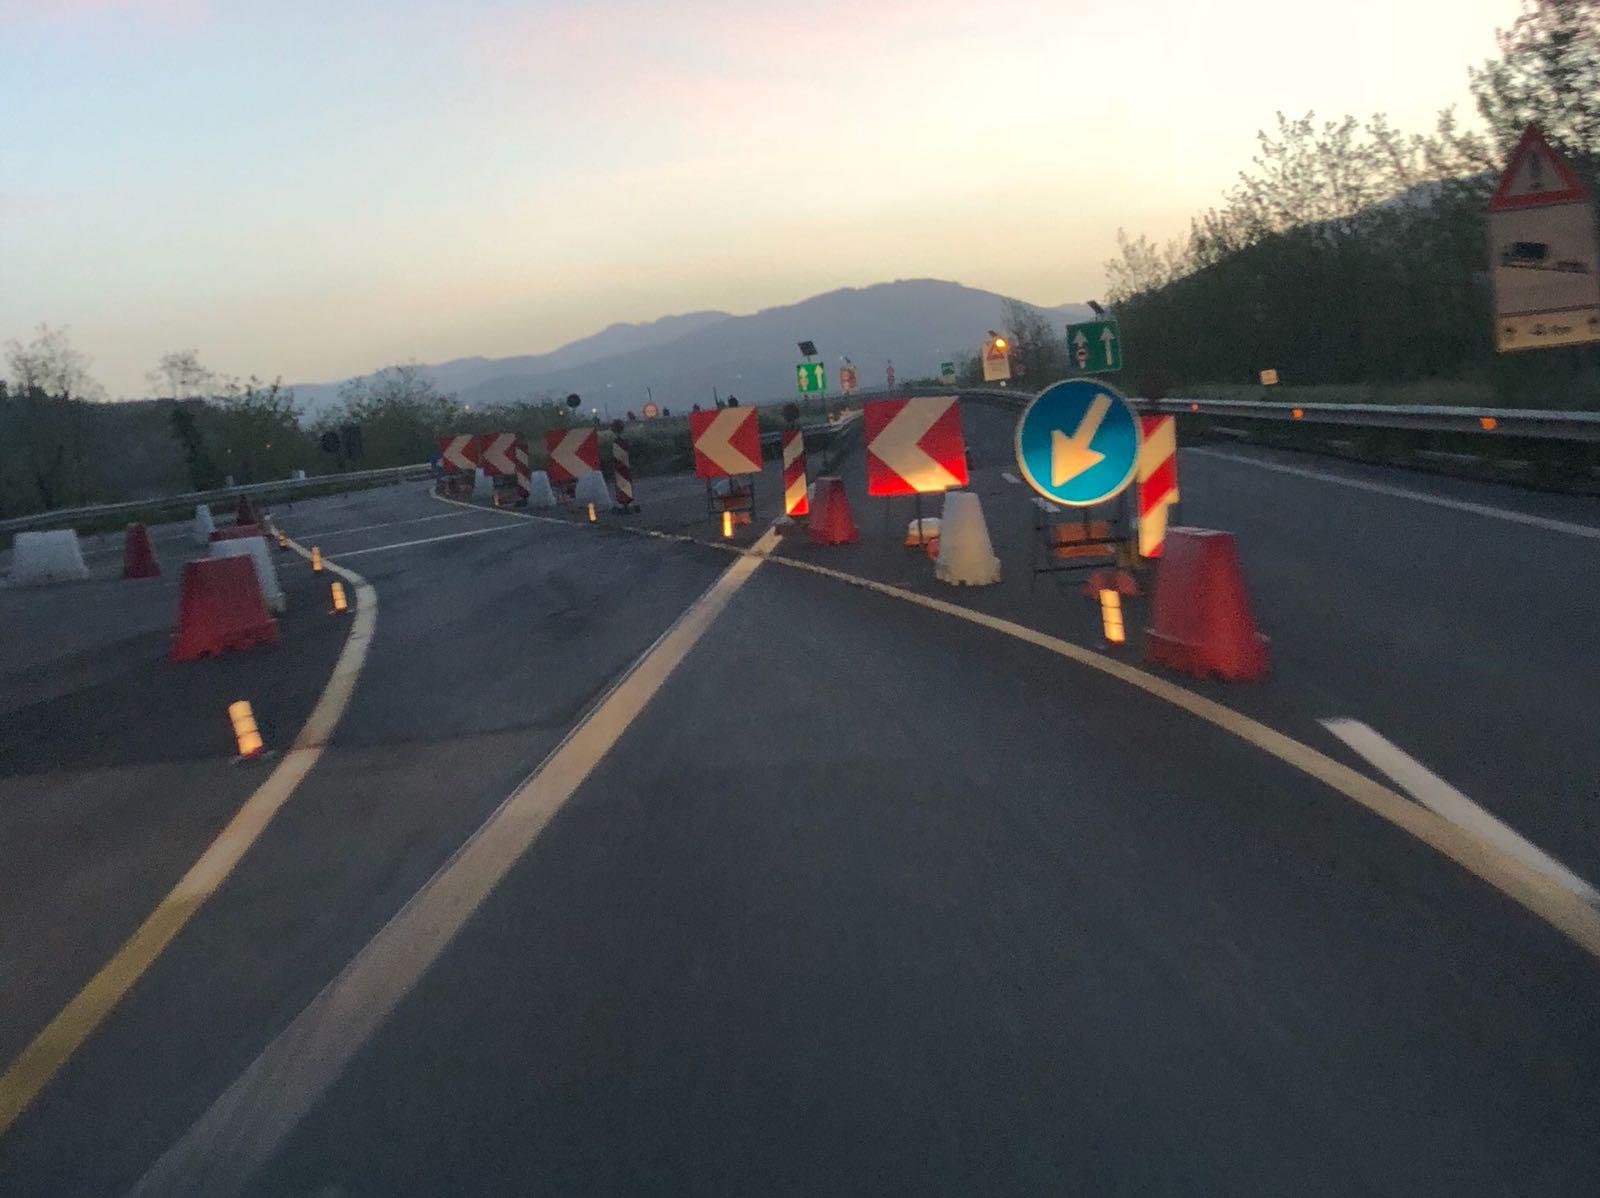 Autostrada A2 del Mediterraneo, la denuncia del Codacons«Condizioni di pericolo e degrado», esposto in Procura